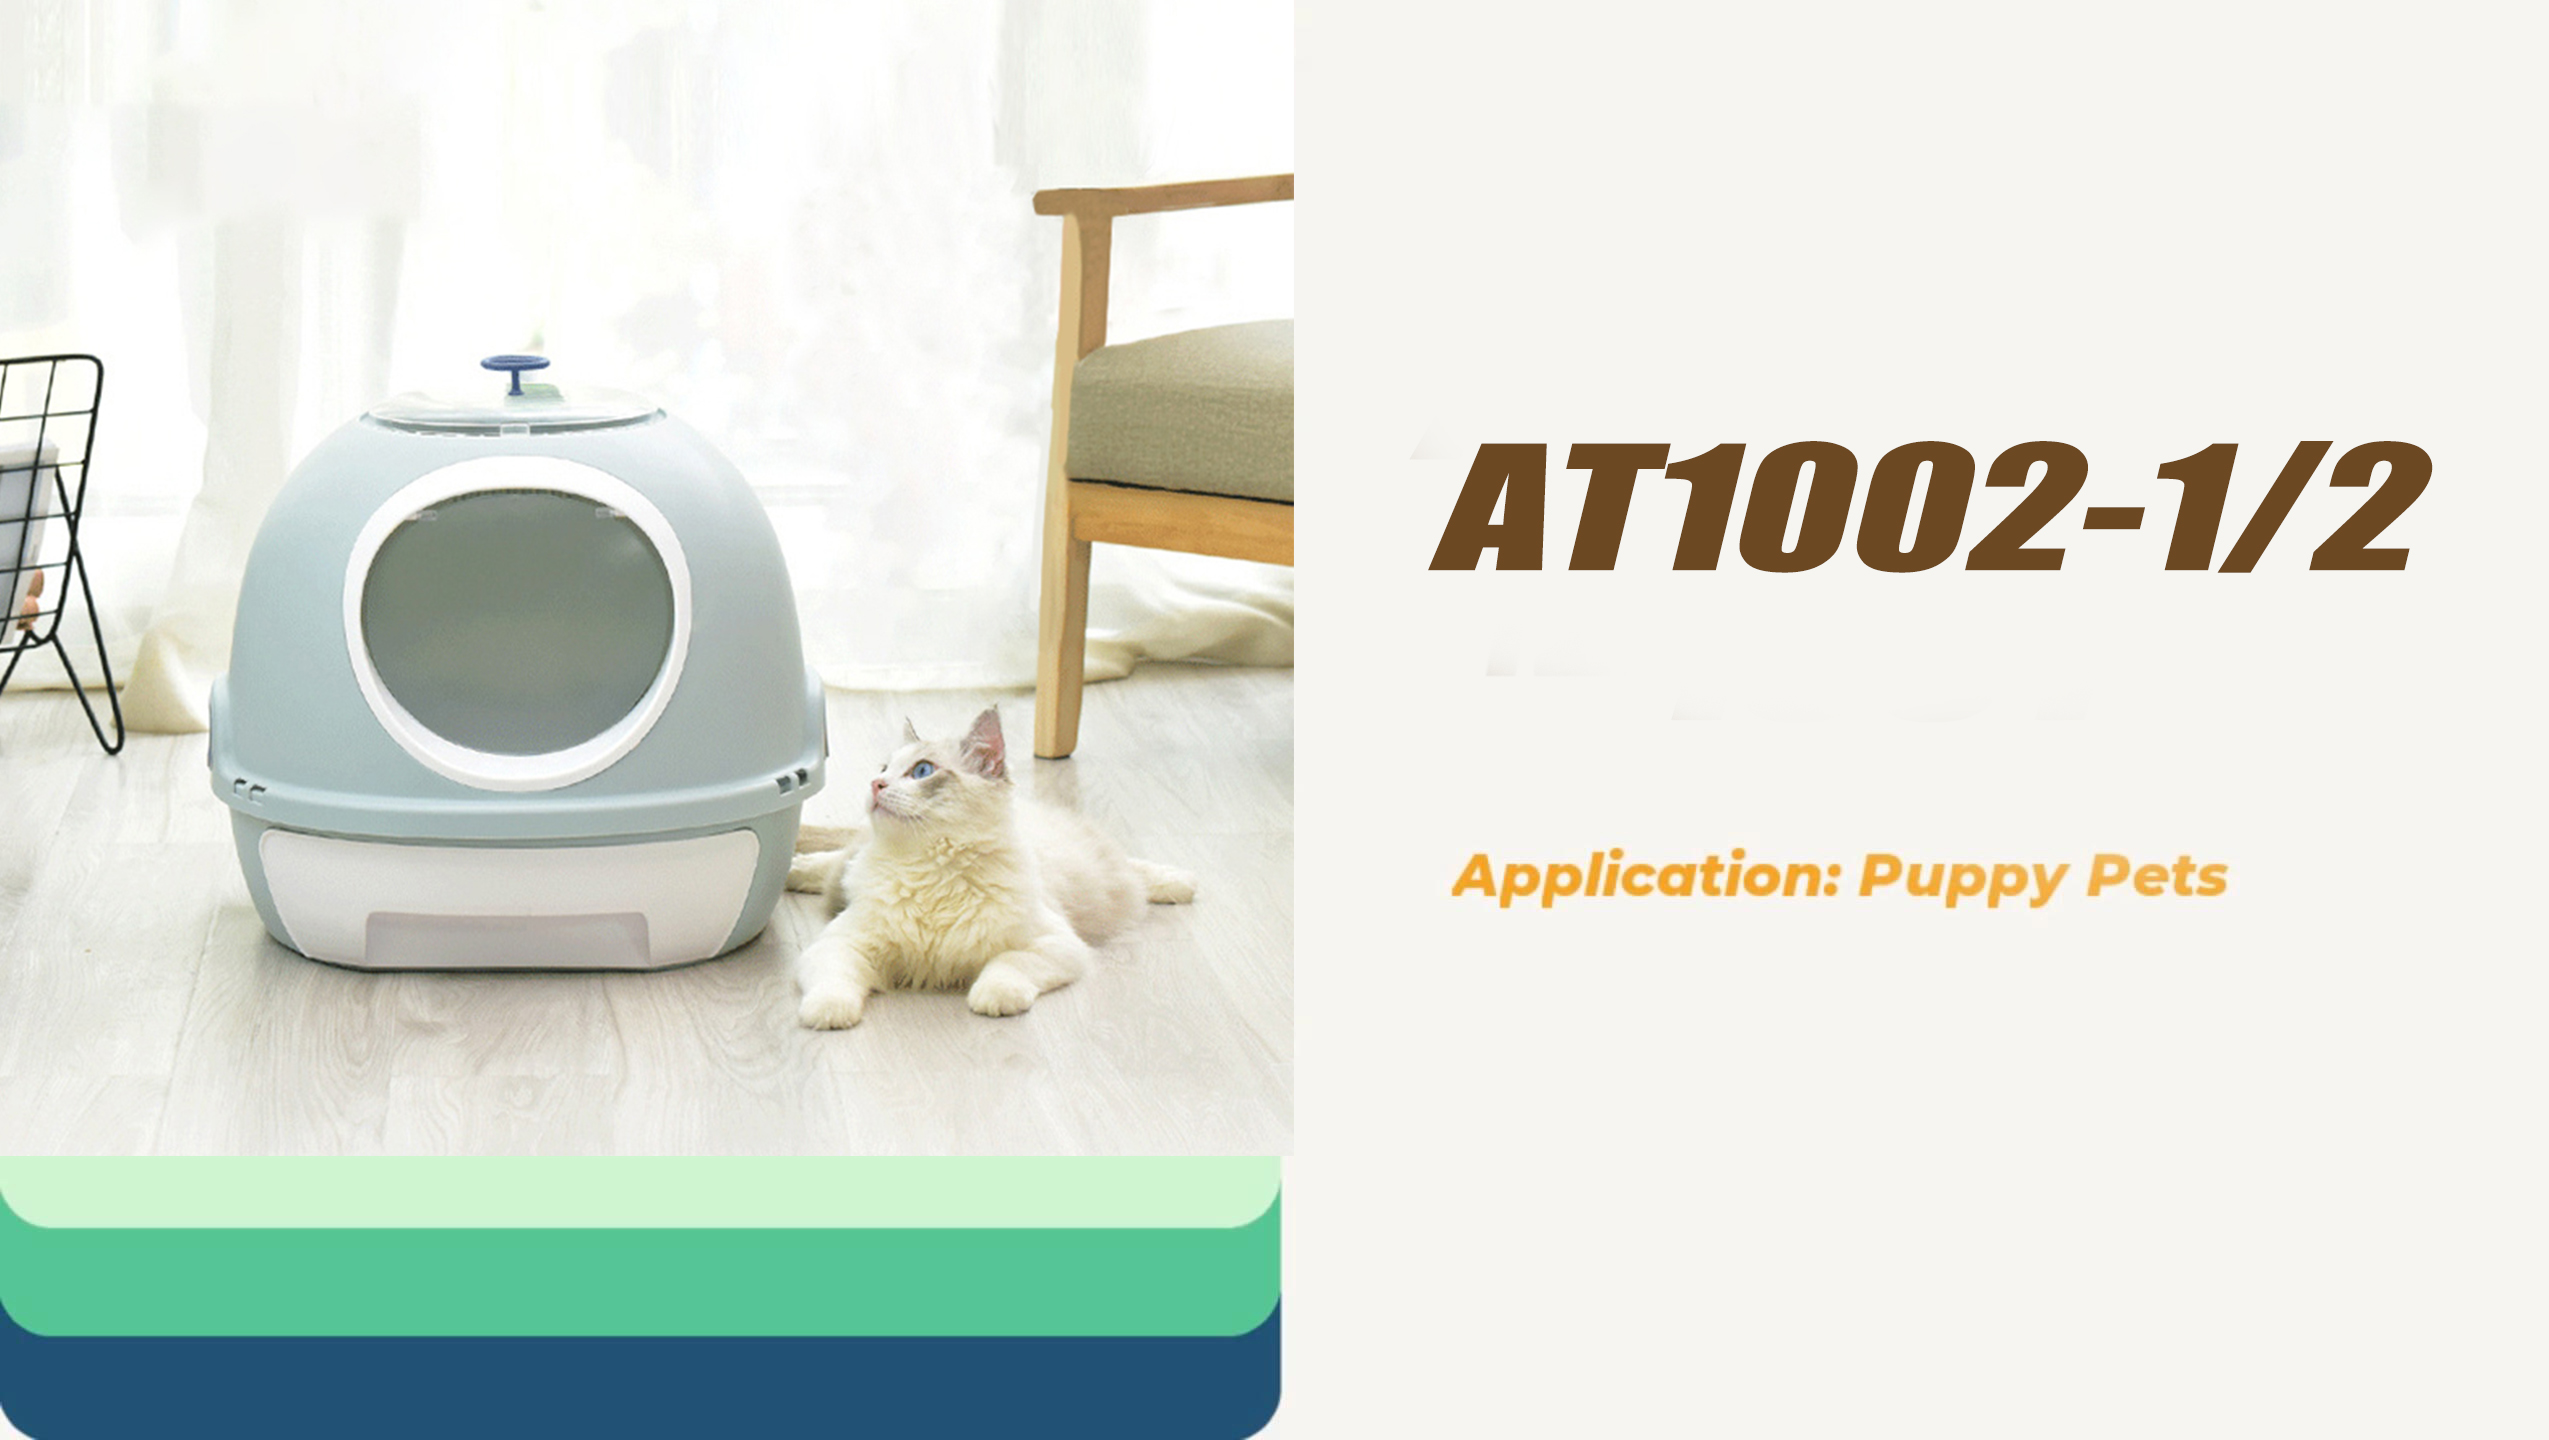 litter box cats litter box toilet for cats